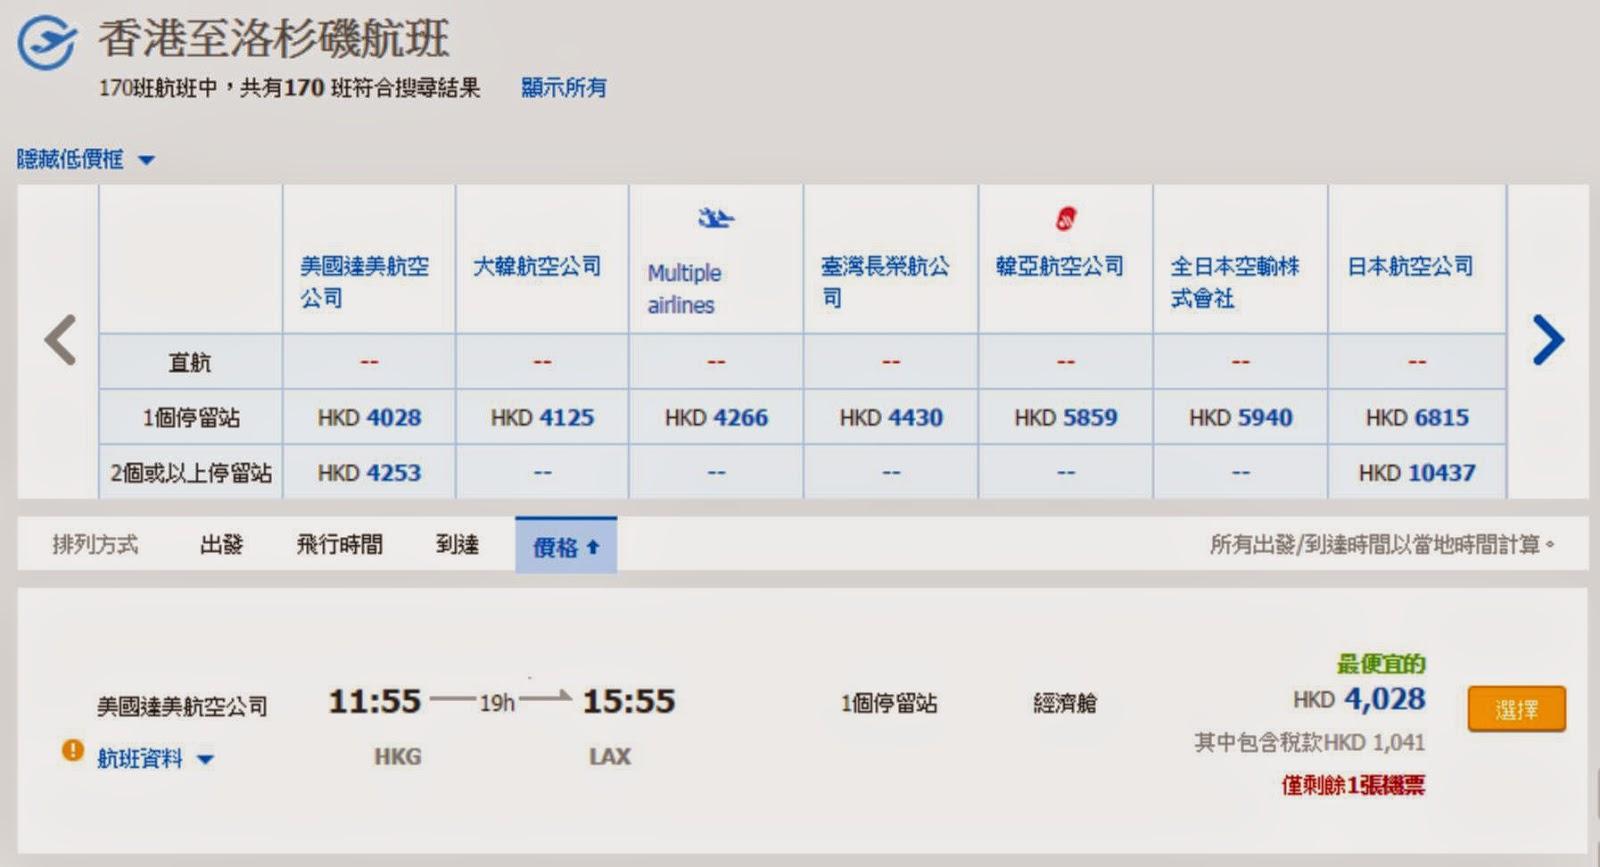 經西雅圖轉機,香港來回洛杉磯,連稅$4,028